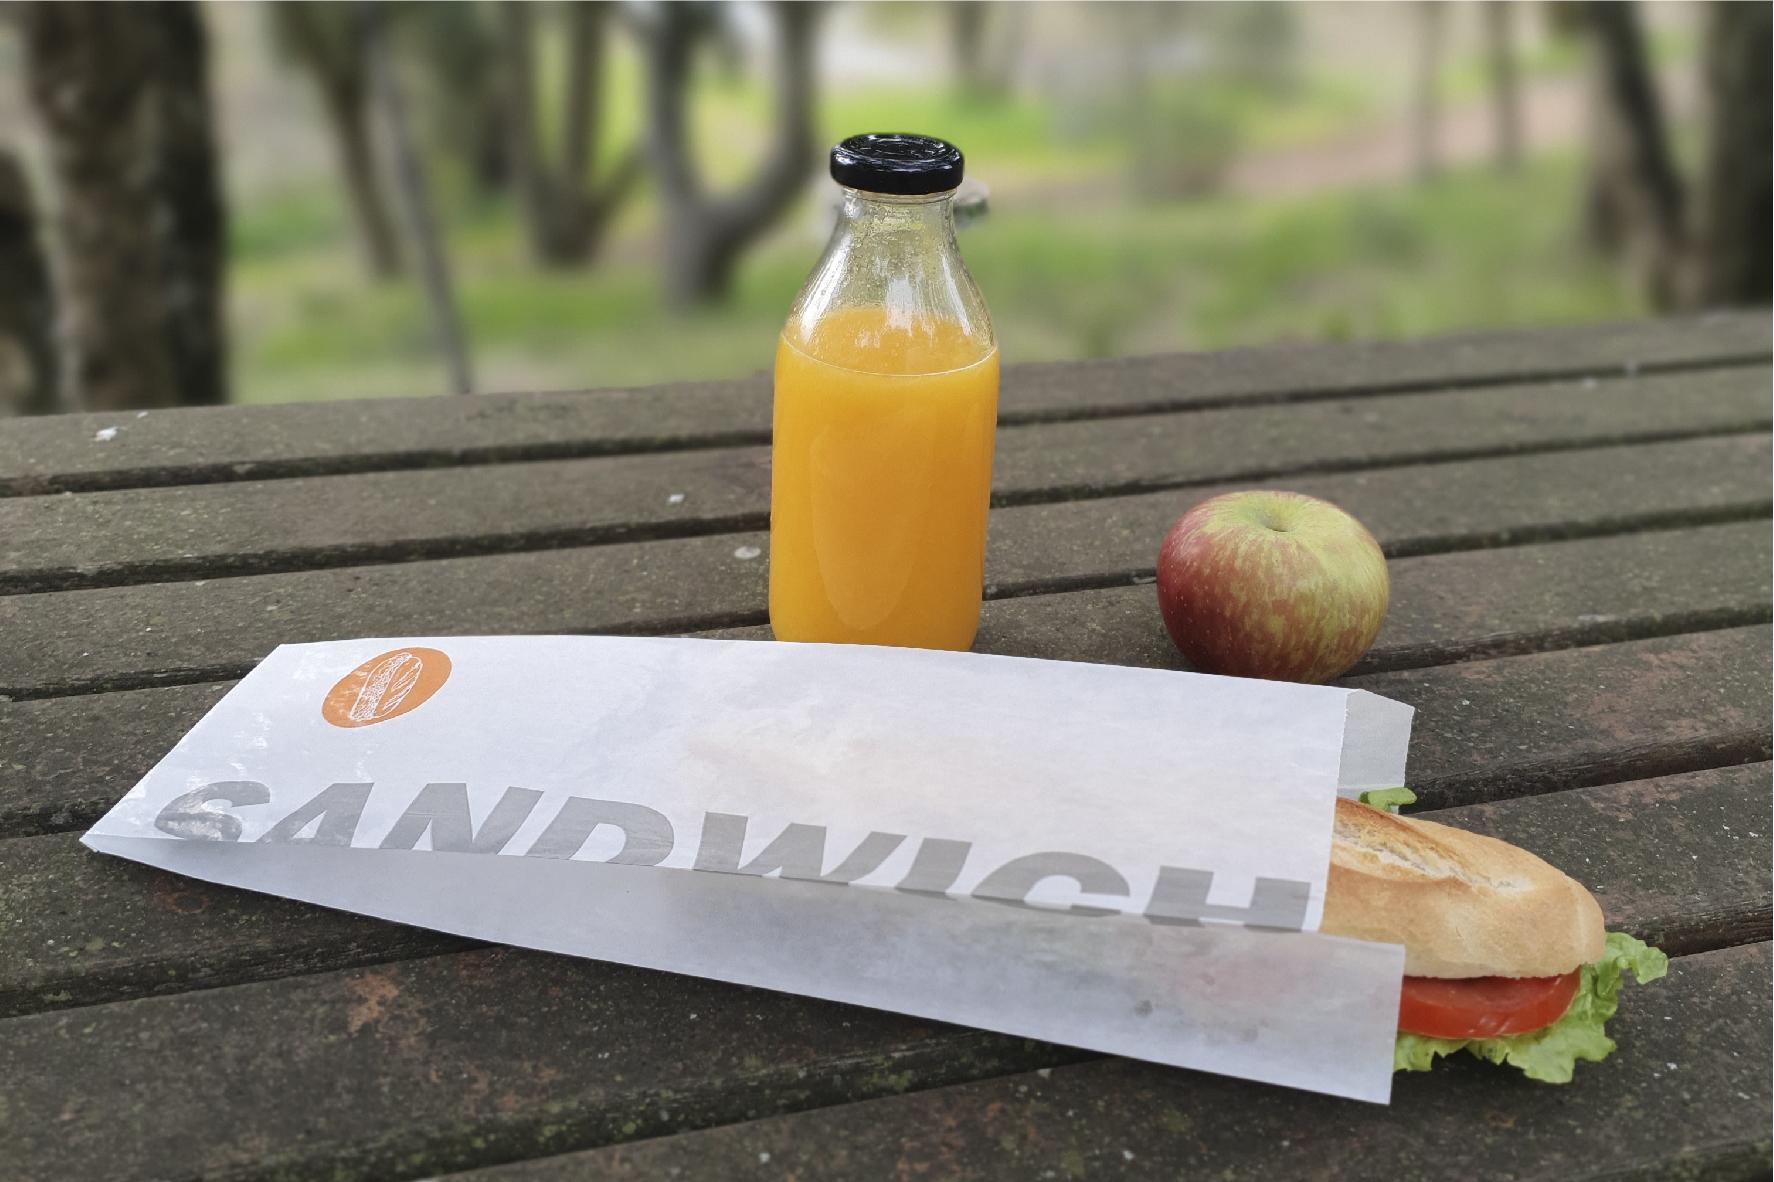 Conheça o novo Genérico Sandwich